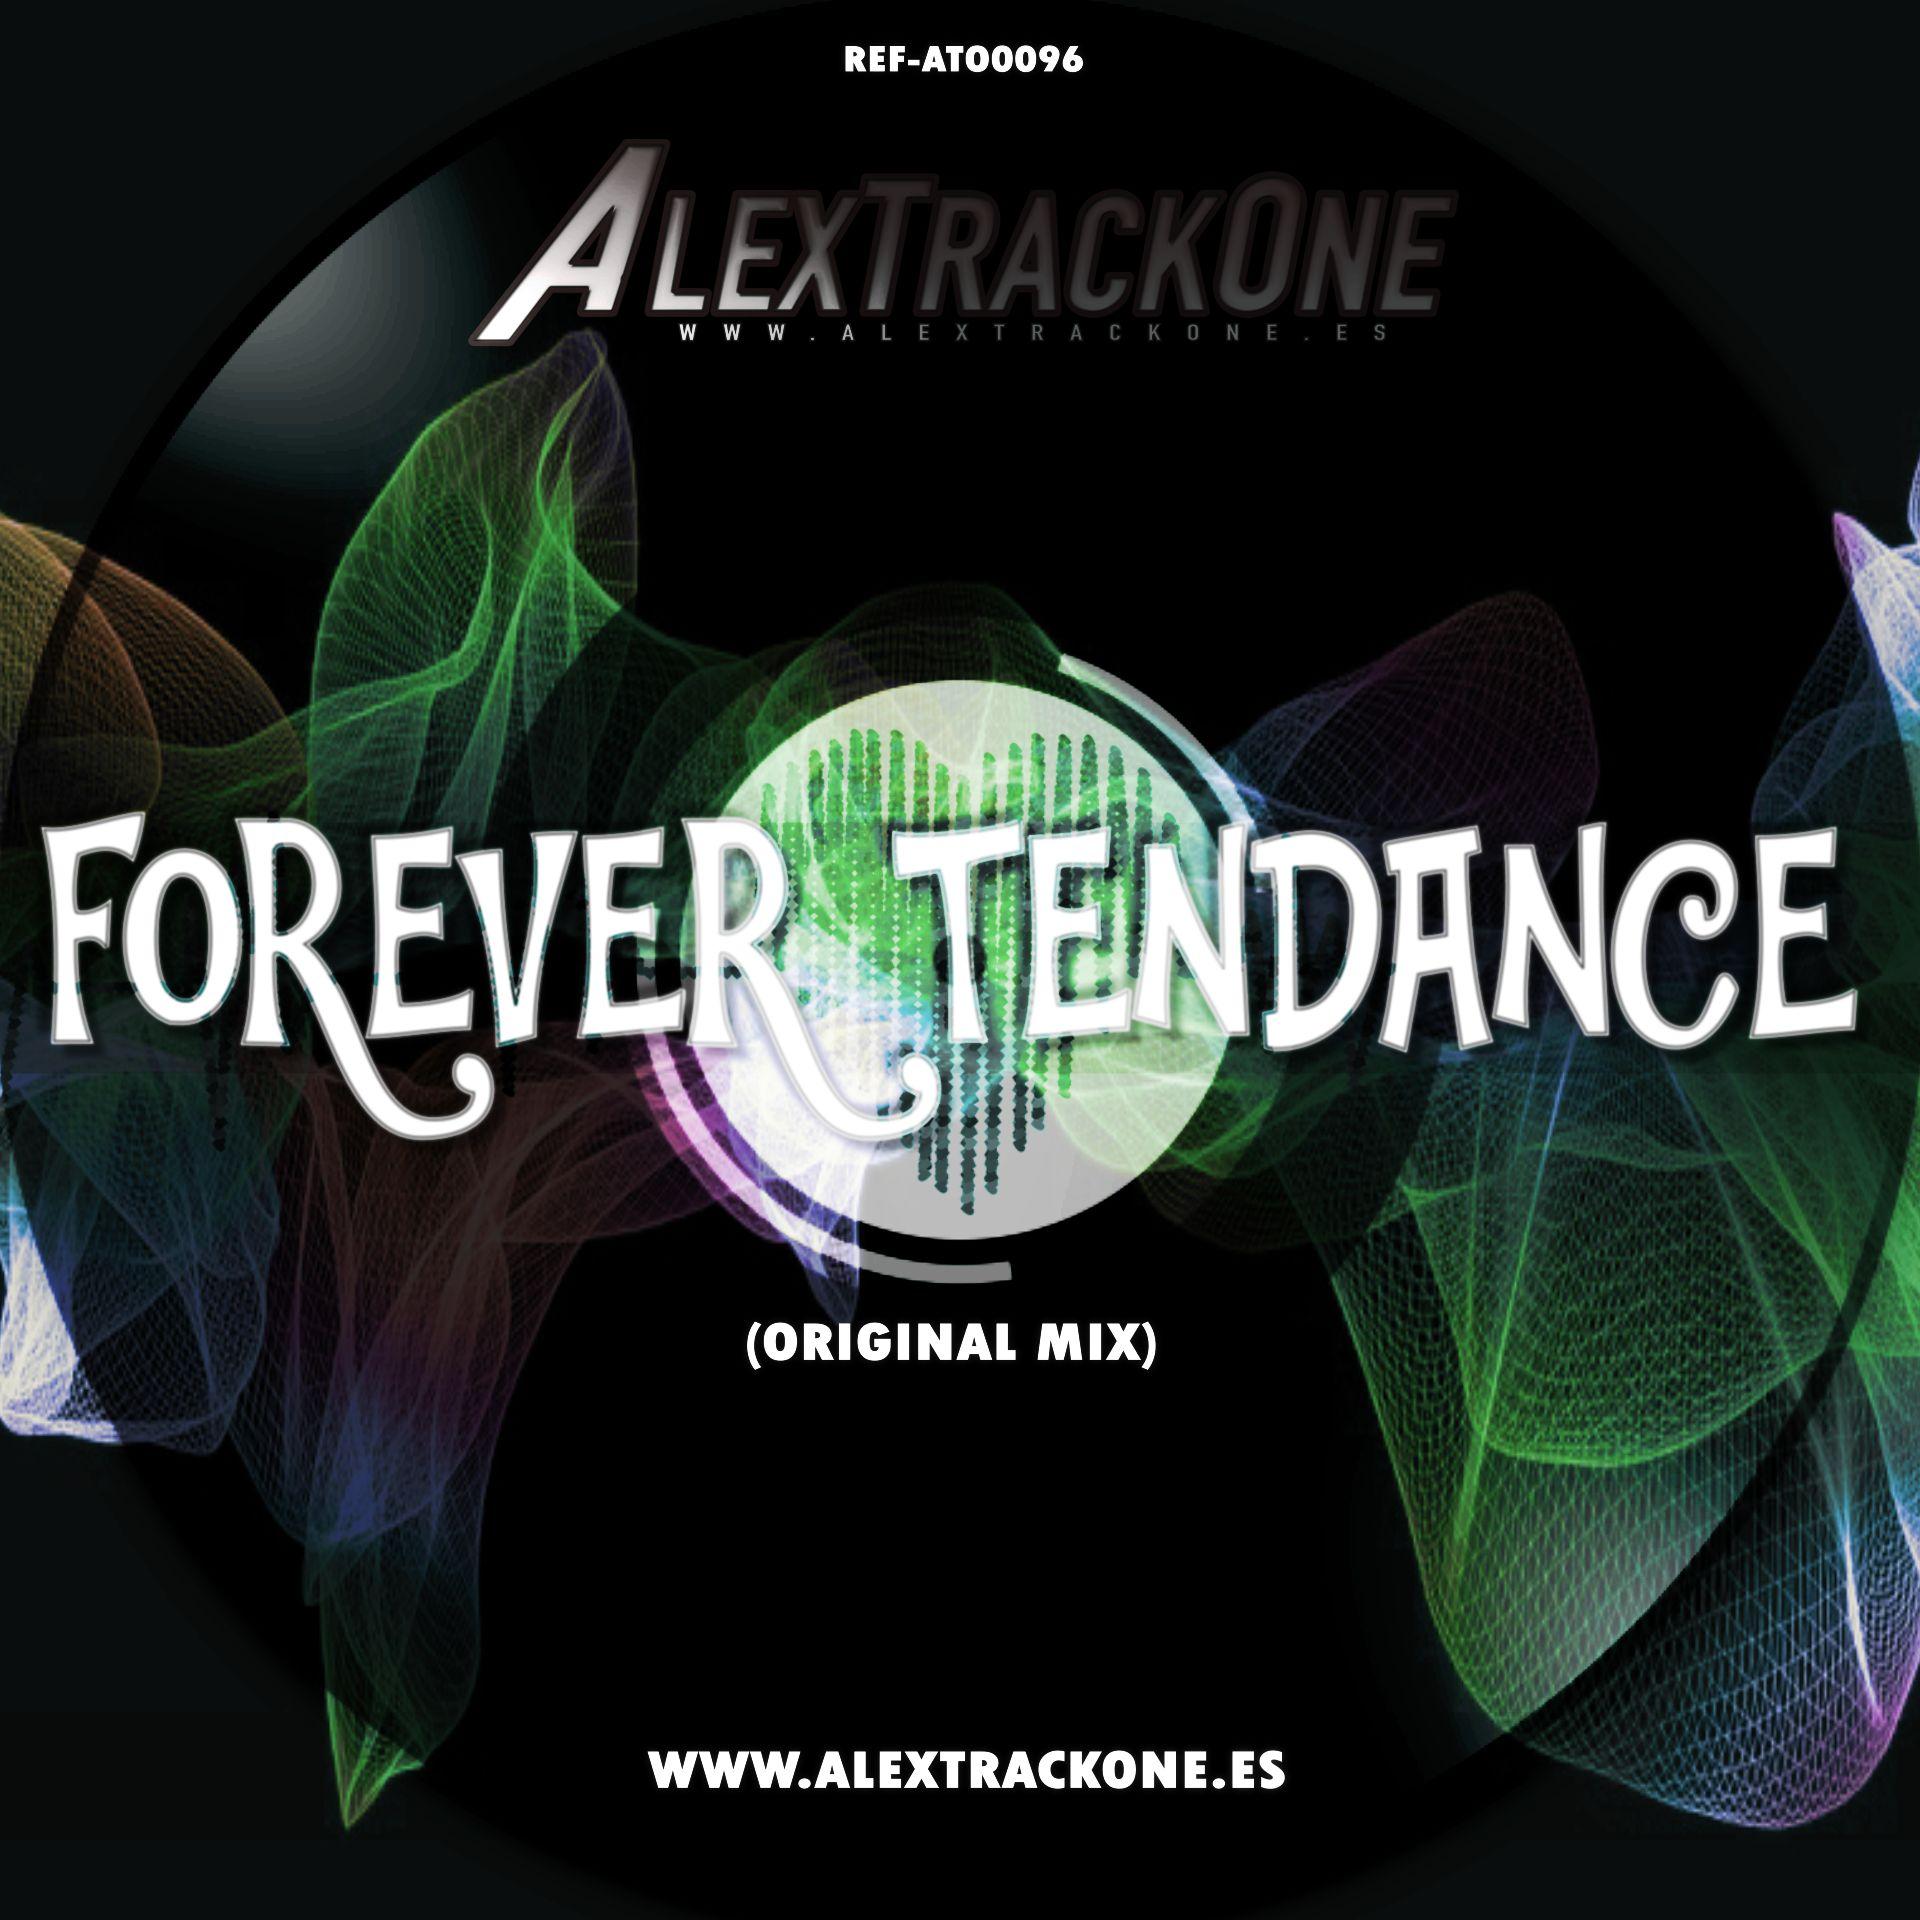 REF-ATO0096 FOREVER TENDANCE (ORIGINAL MIX) (MP3 & WAV & FLAC)